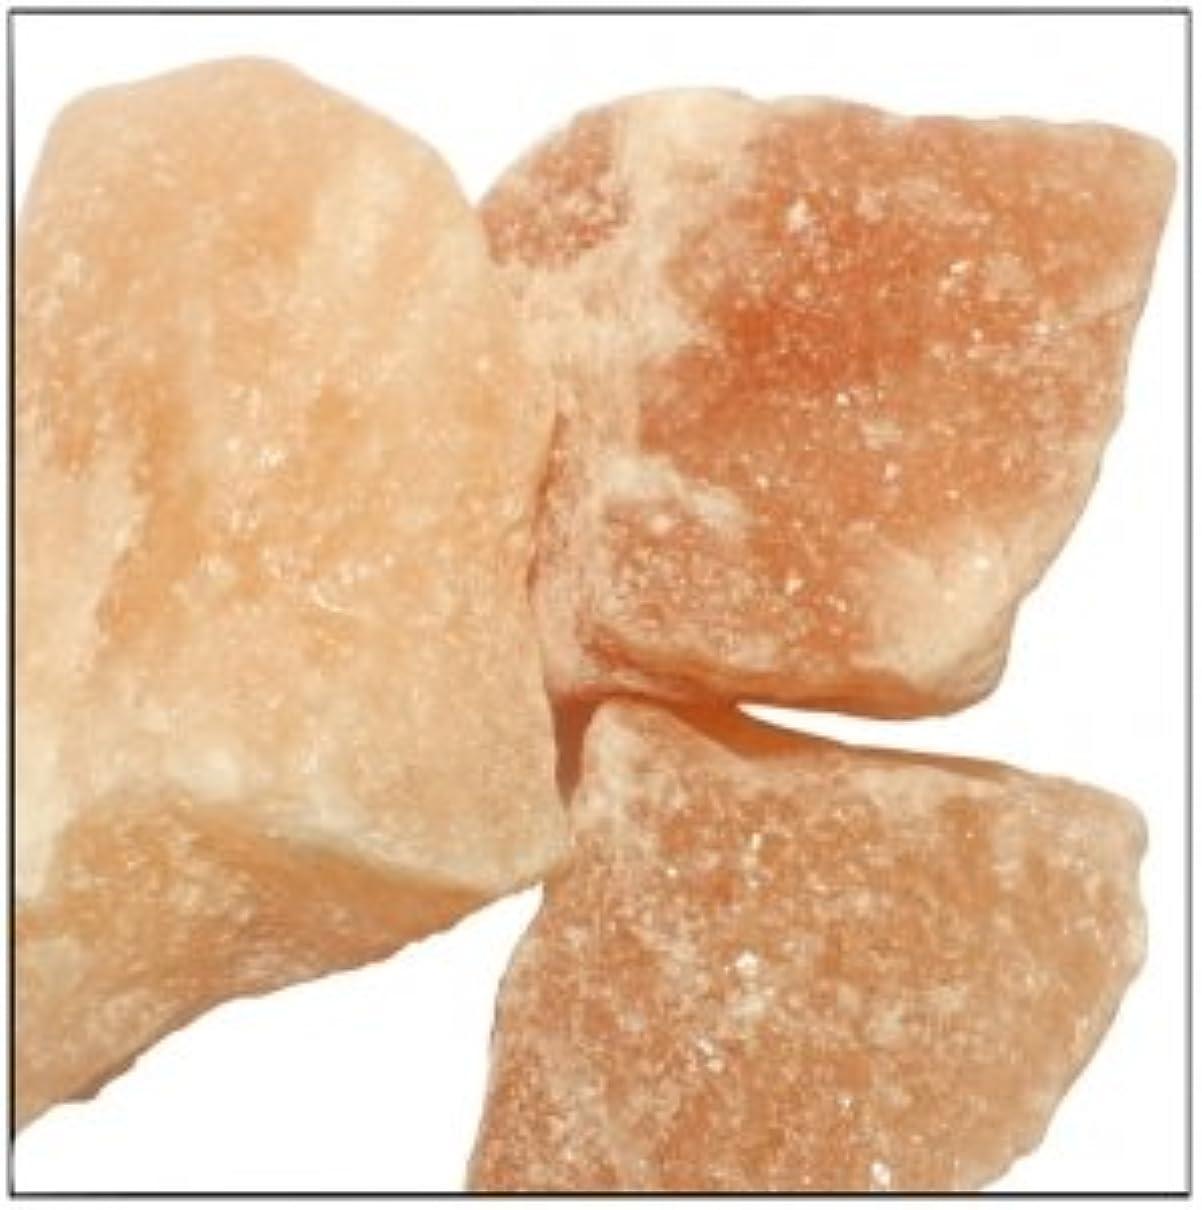 教室彼らのものいうヒマラヤピンク岩塩500g